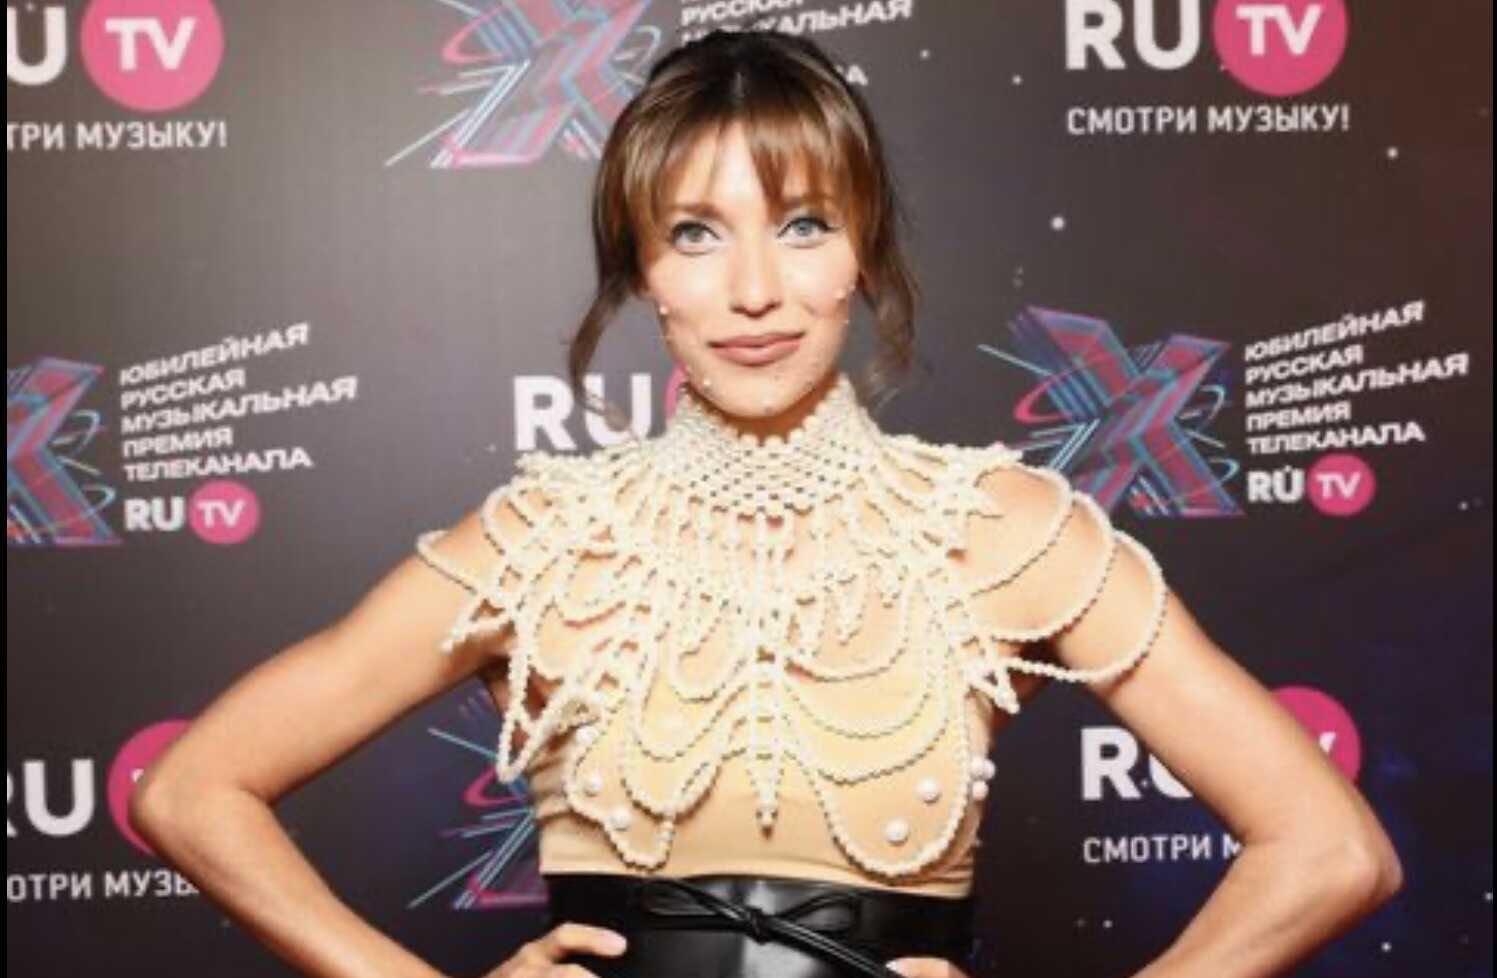 «Гадость!», «Не замазала гнойные прыщи?», «Это лямблии или бородавки?»: Регина Тодоренко вышла в свет с неудачным макияжем